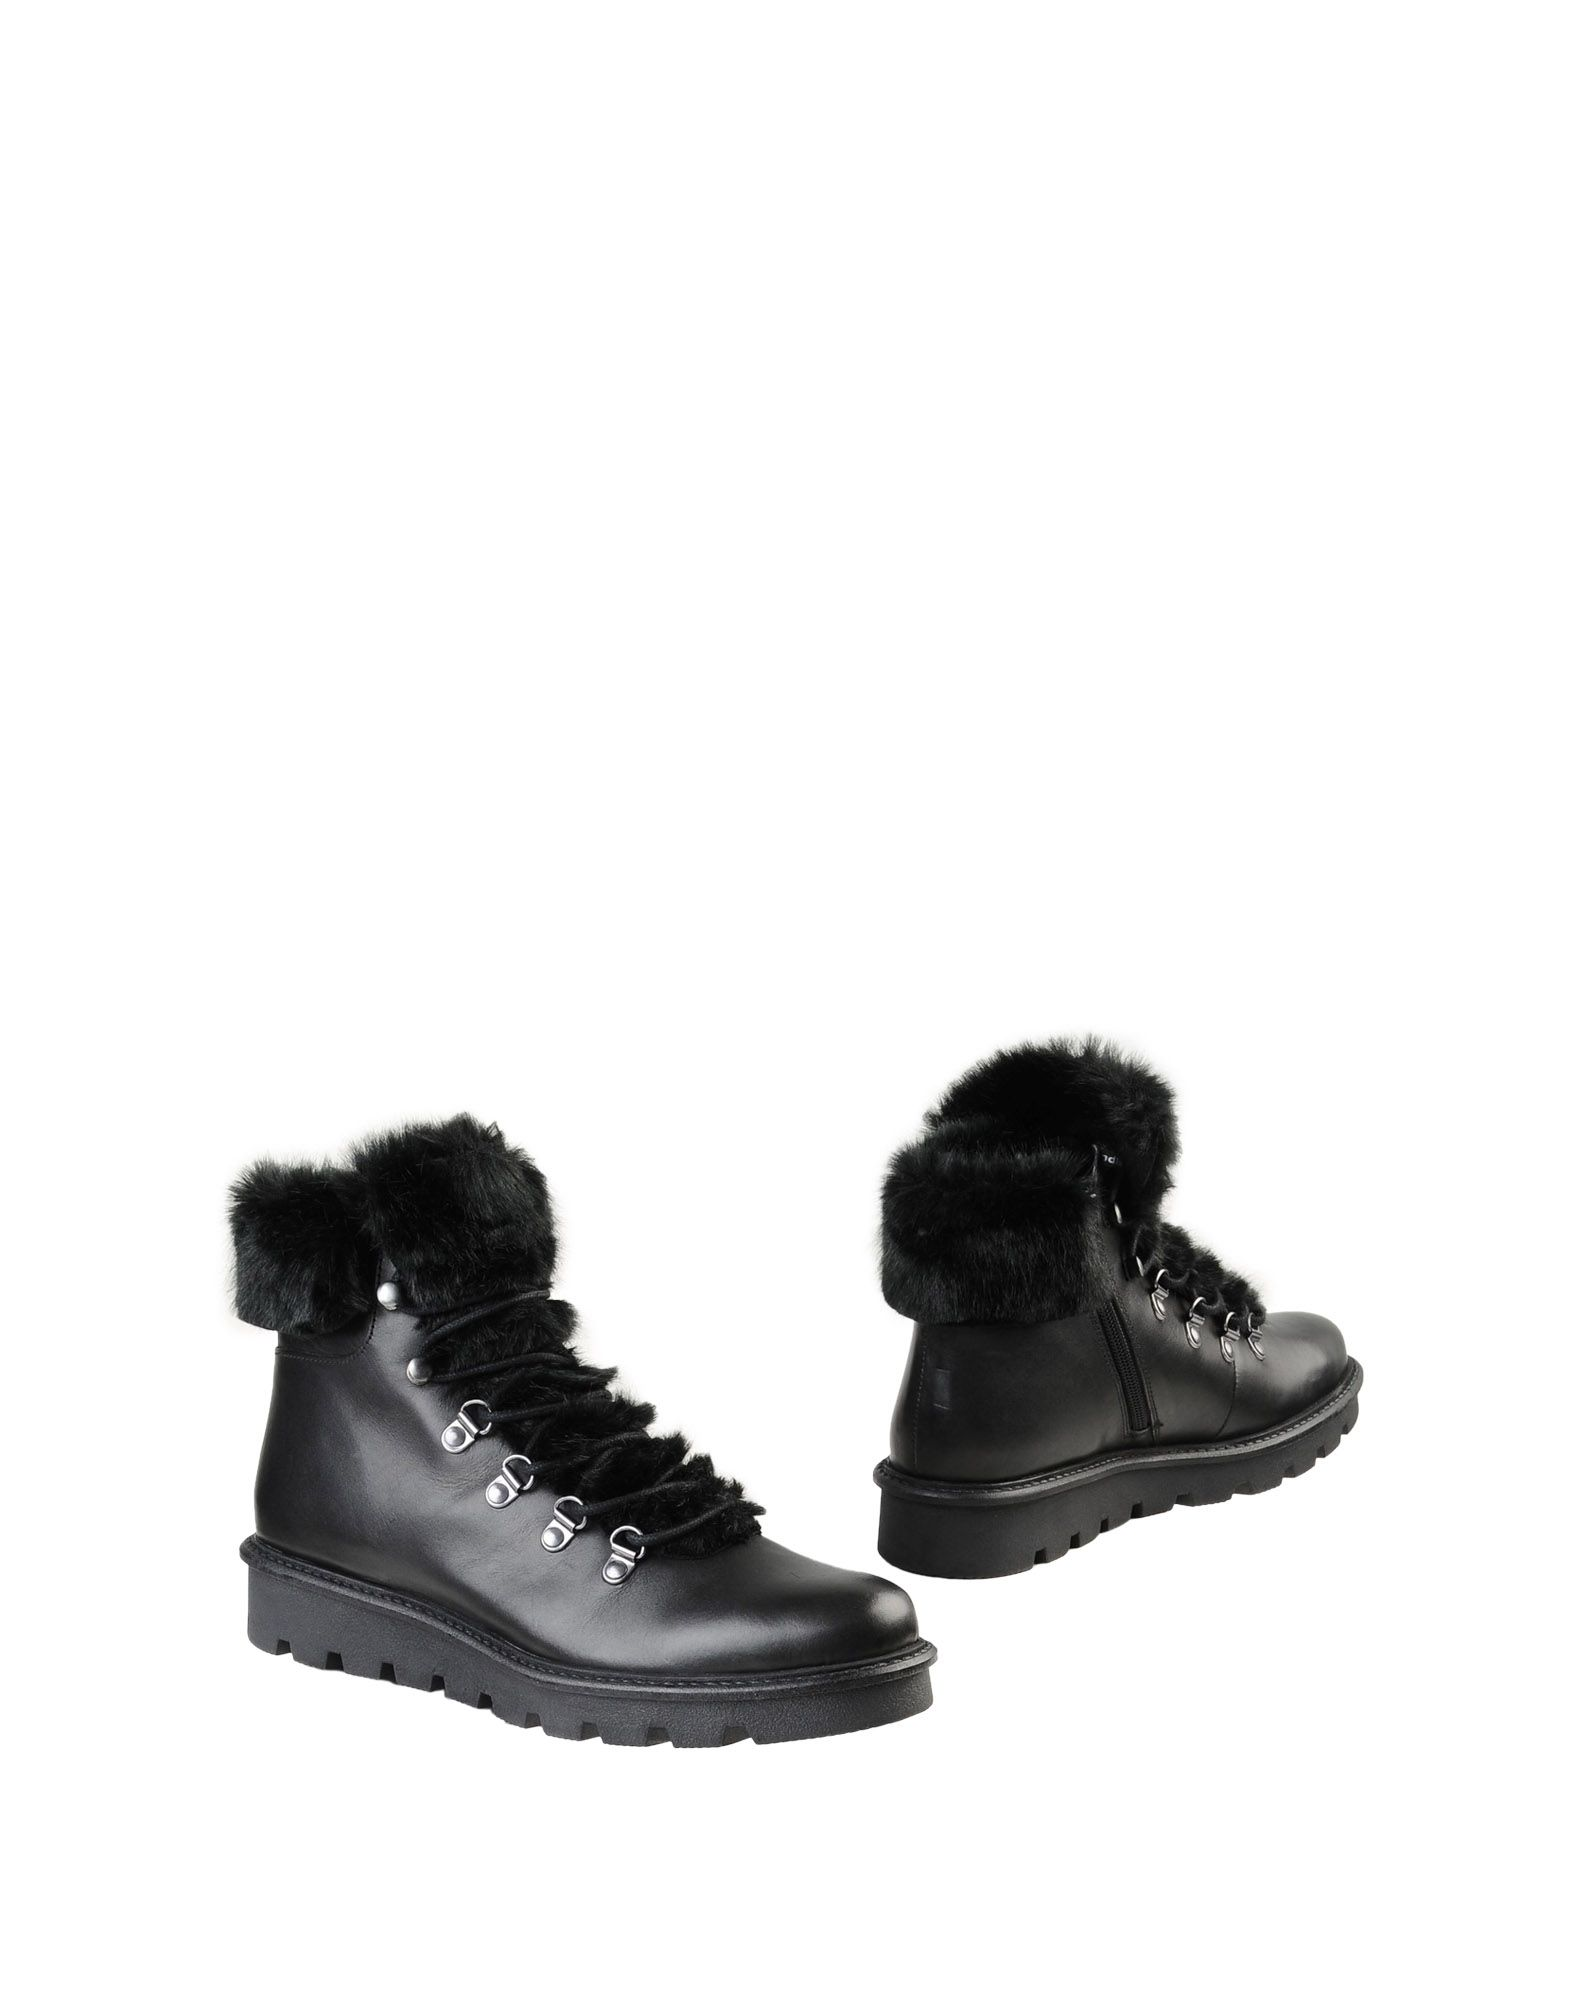 George J. 11540608DC Love Stiefelette Damen  11540608DC J. Gute Qualität beliebte Schuhe 478c21